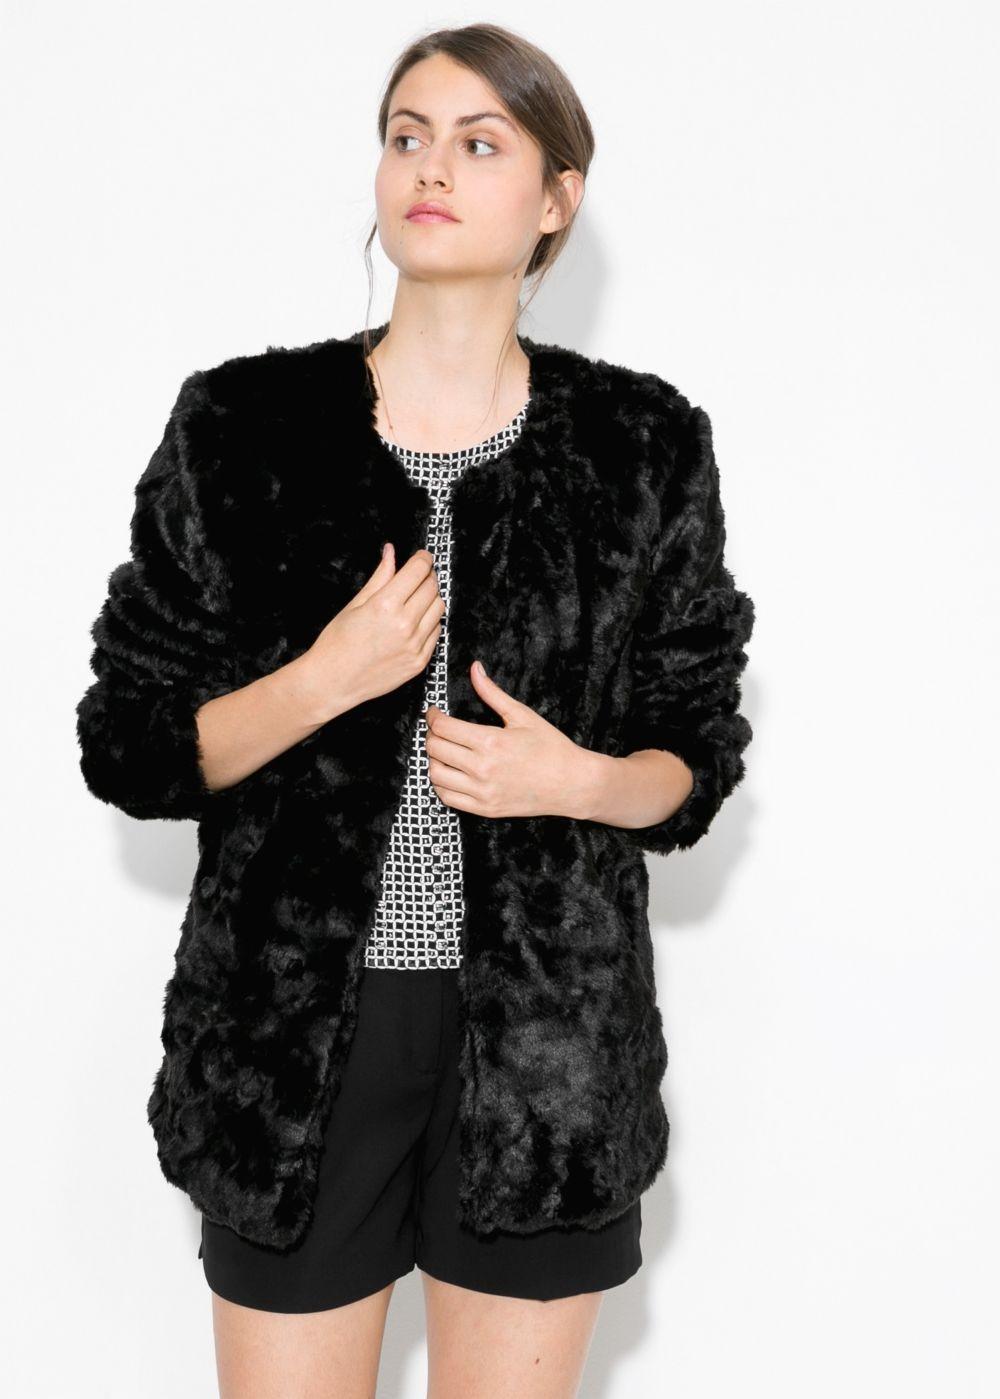 модные шубы 2018: шуба из искусственного меха черная на змейки